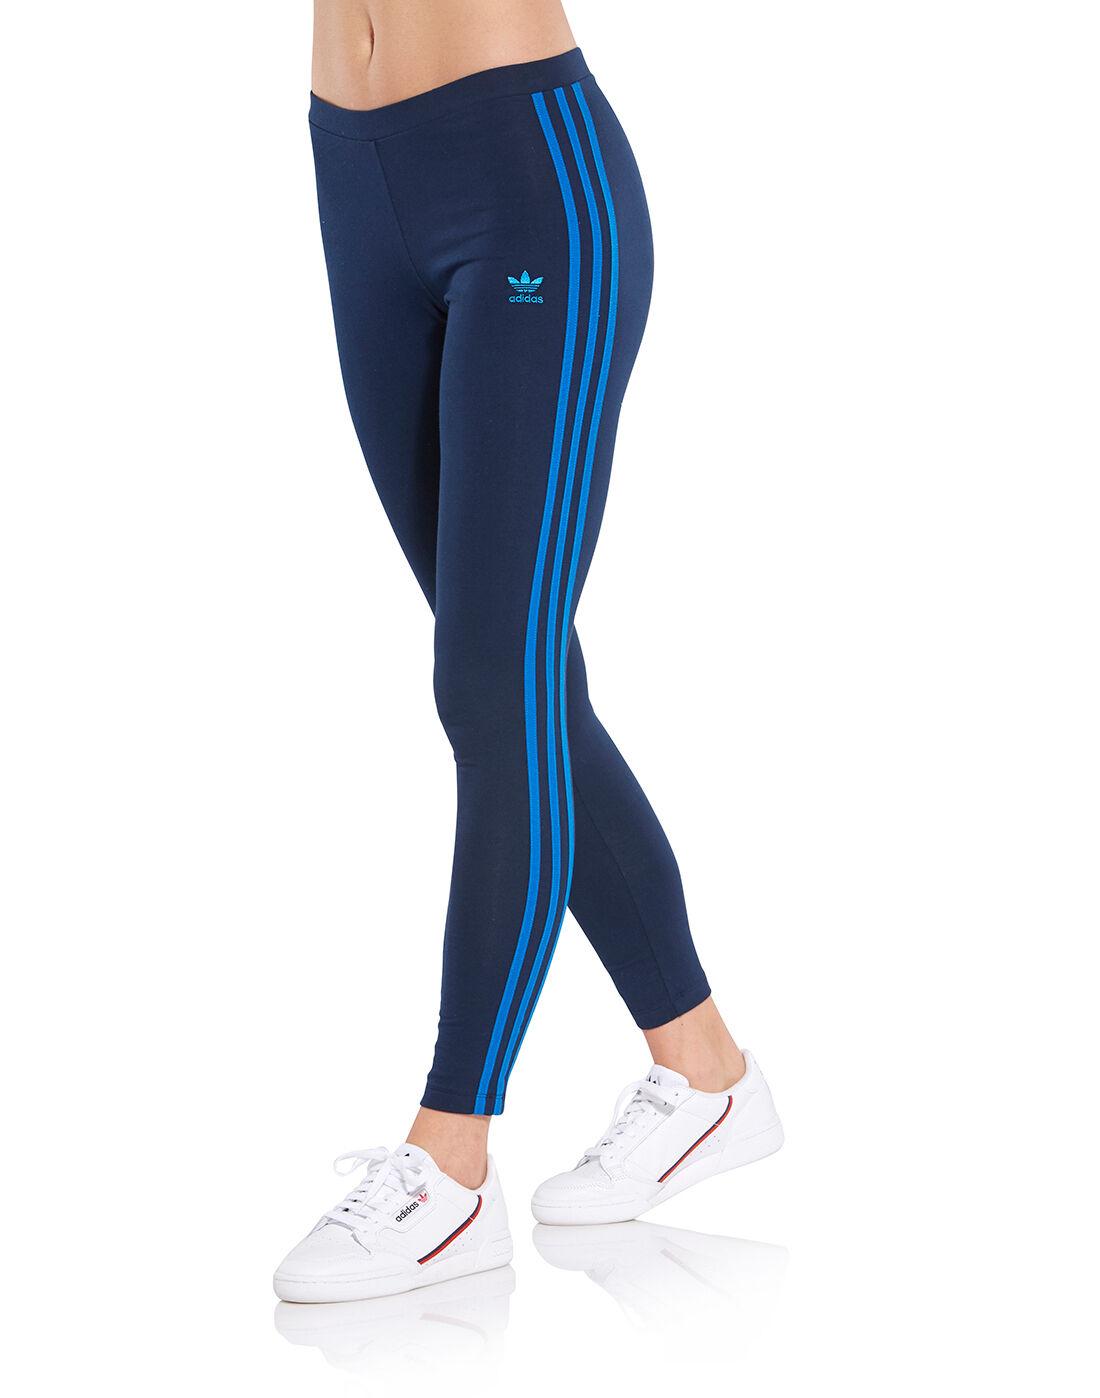 adidas Originals Womens 3-Stripes